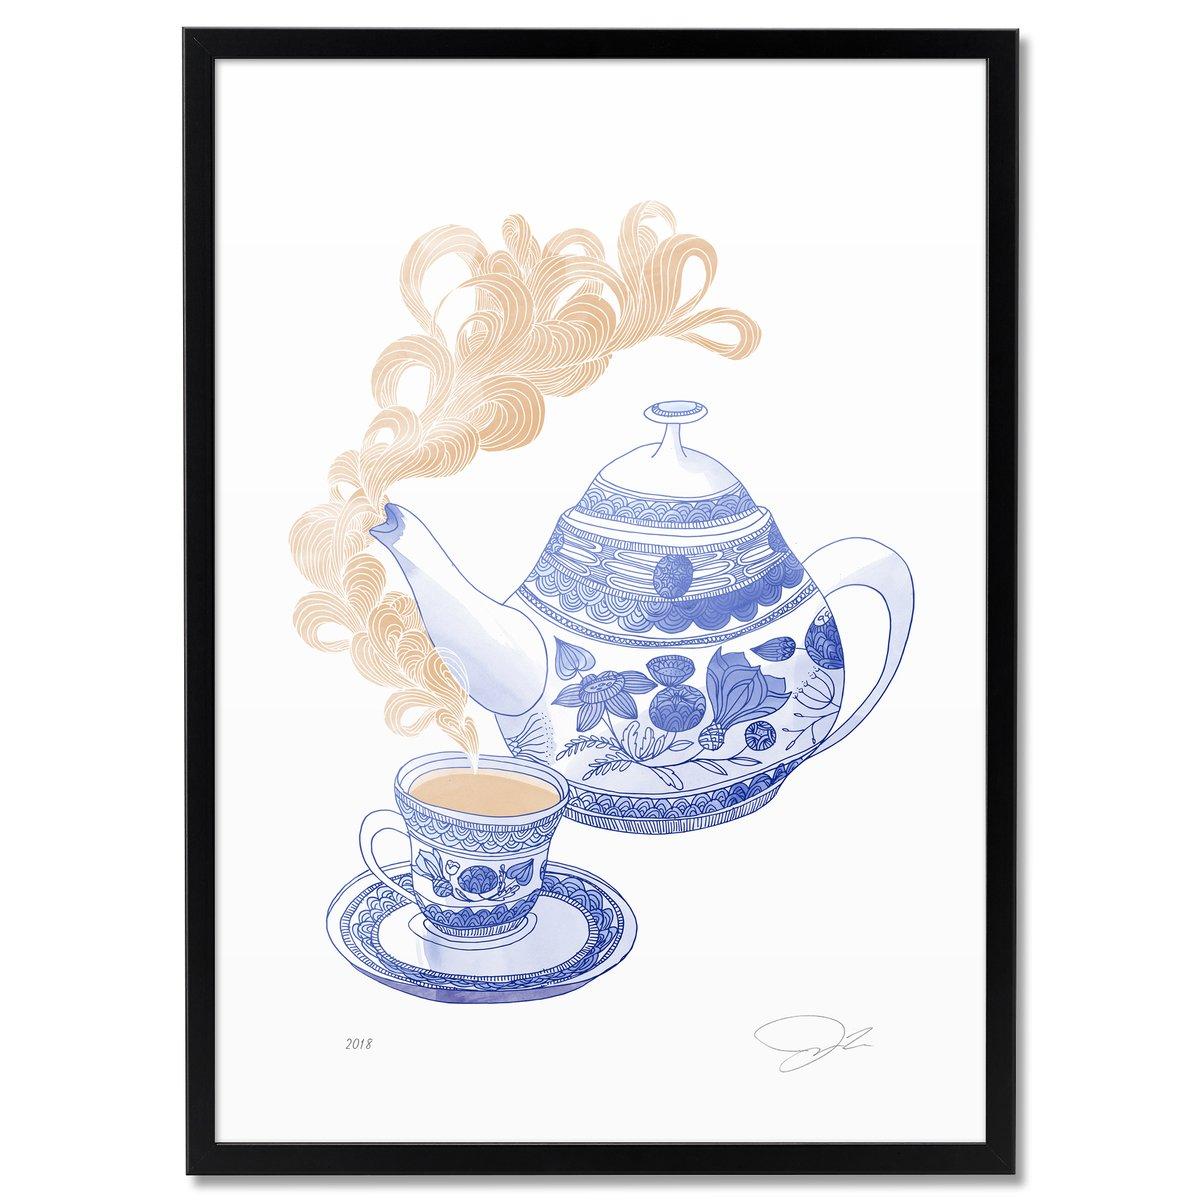 Image of Print: Teatime